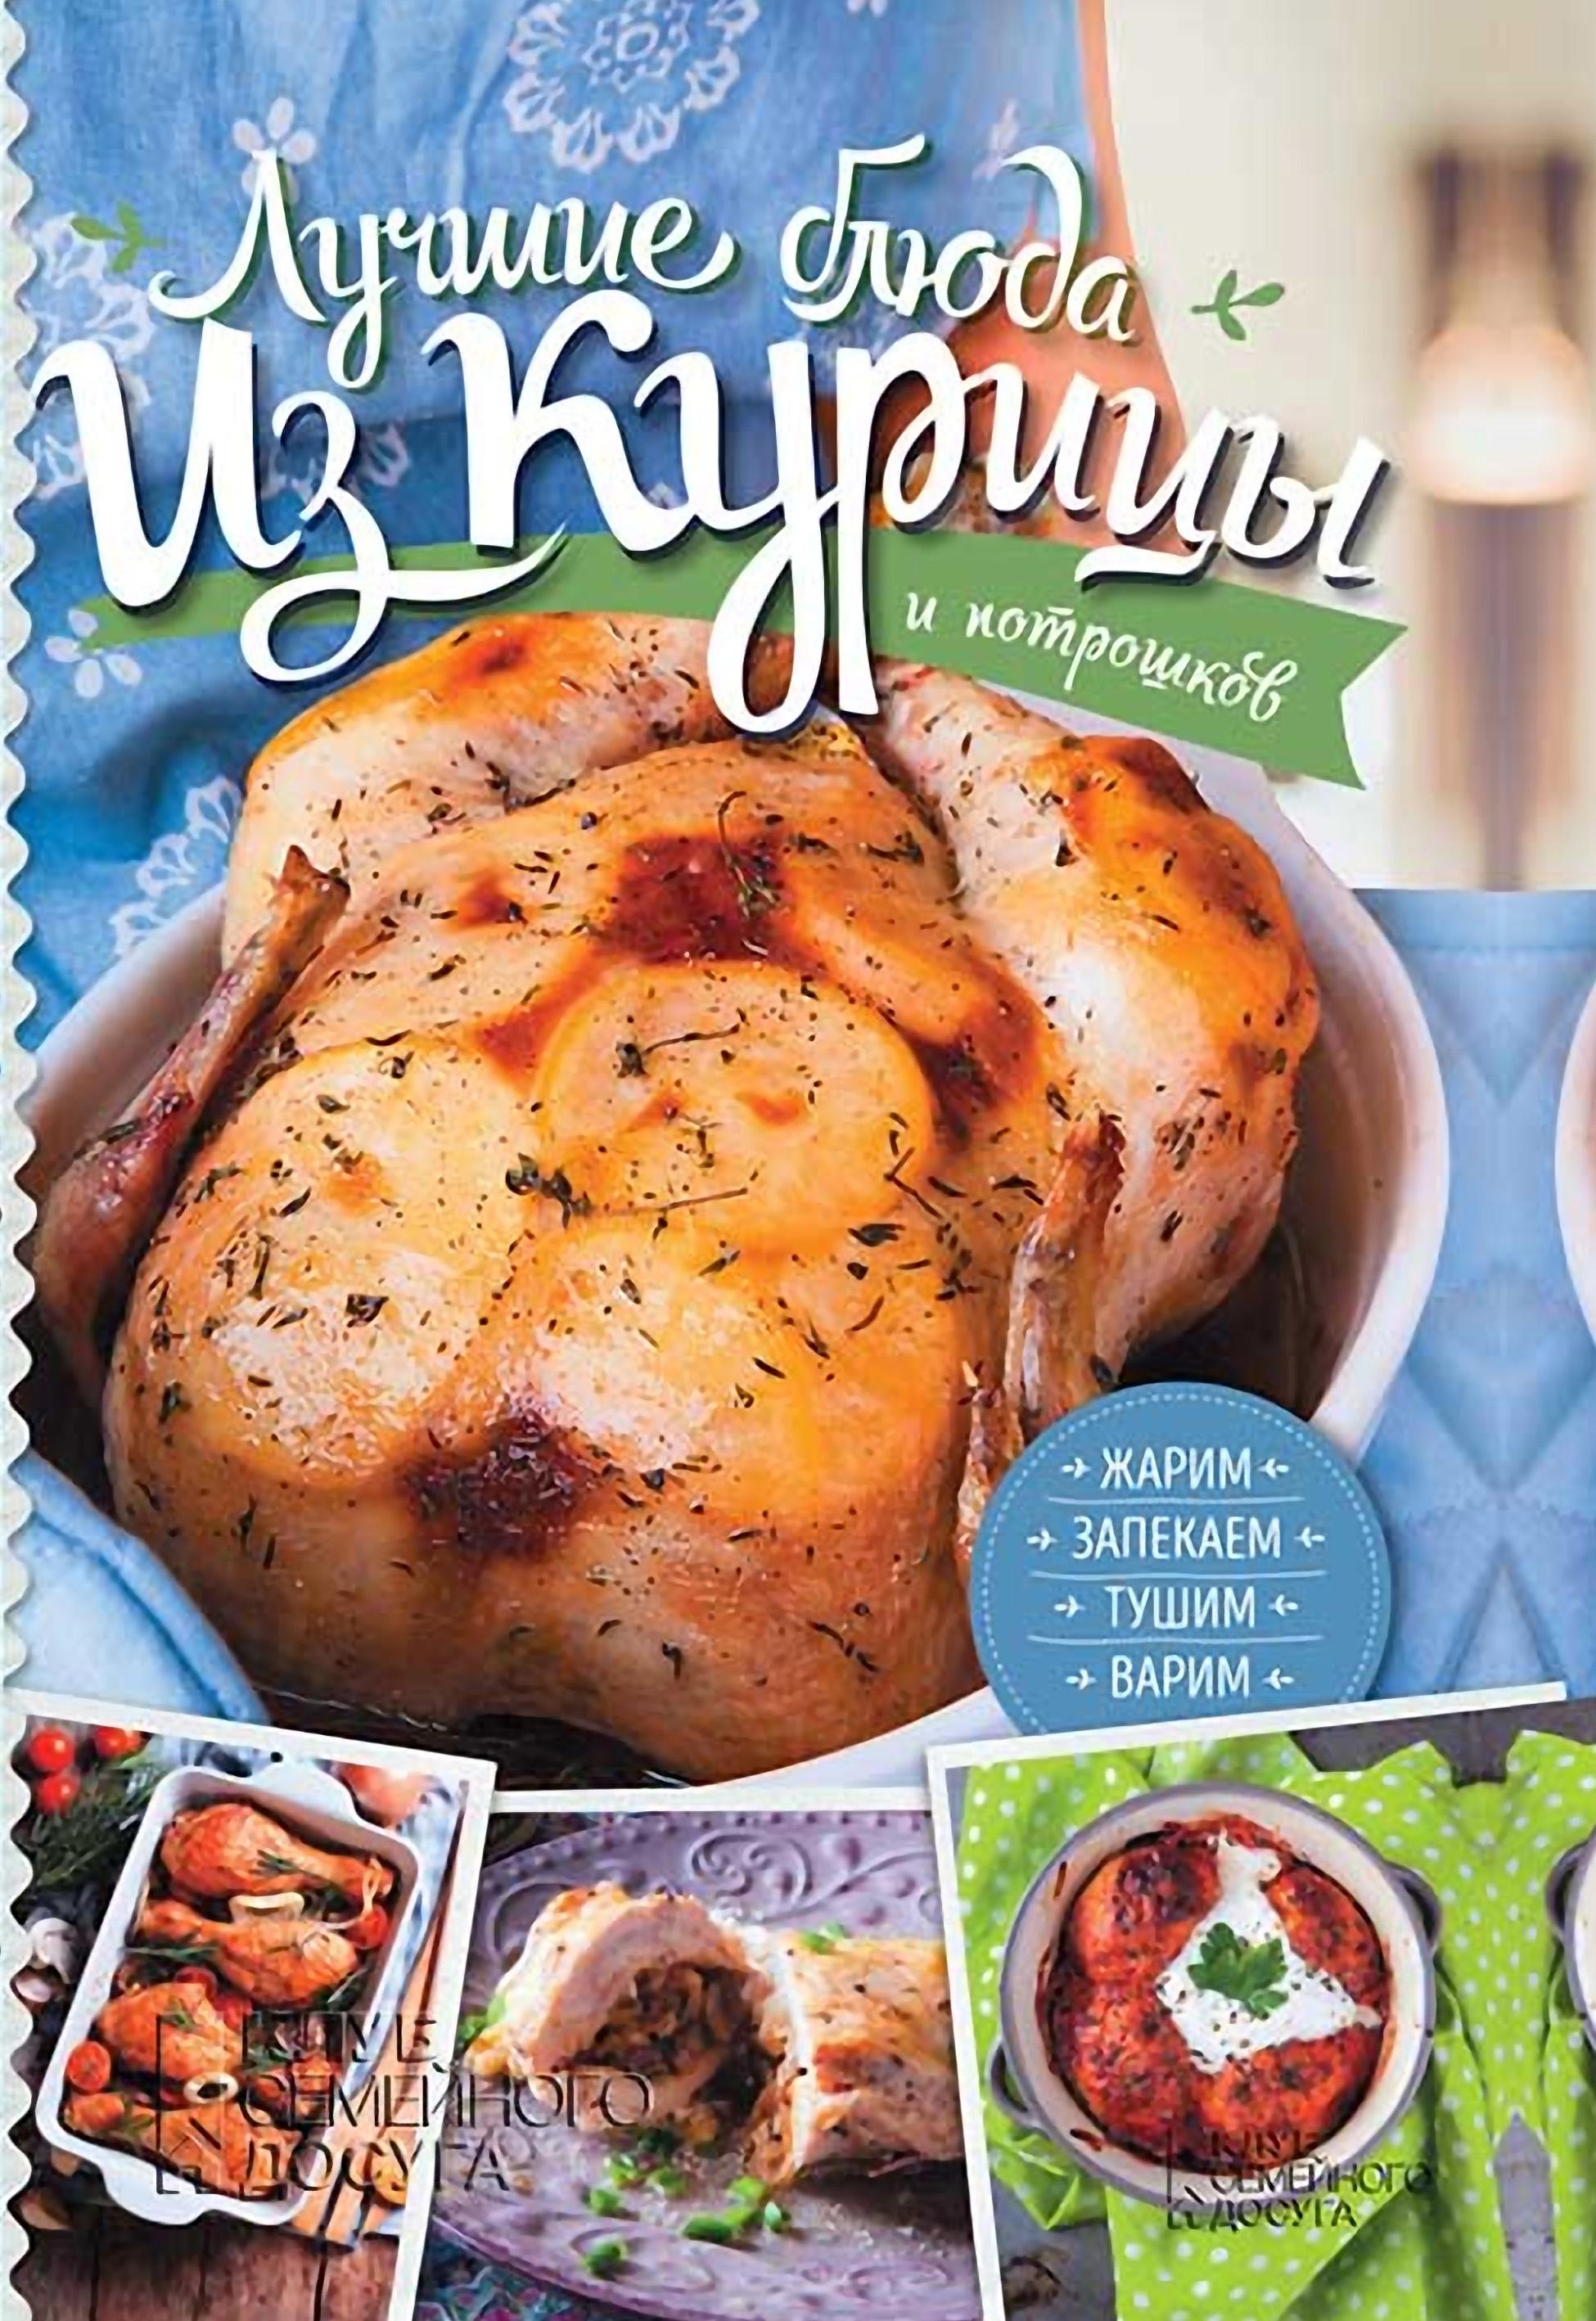 Анастасия Дарий Лучшие блюда из курицы и потрошков. Жарим, запекаем, тушим, варим